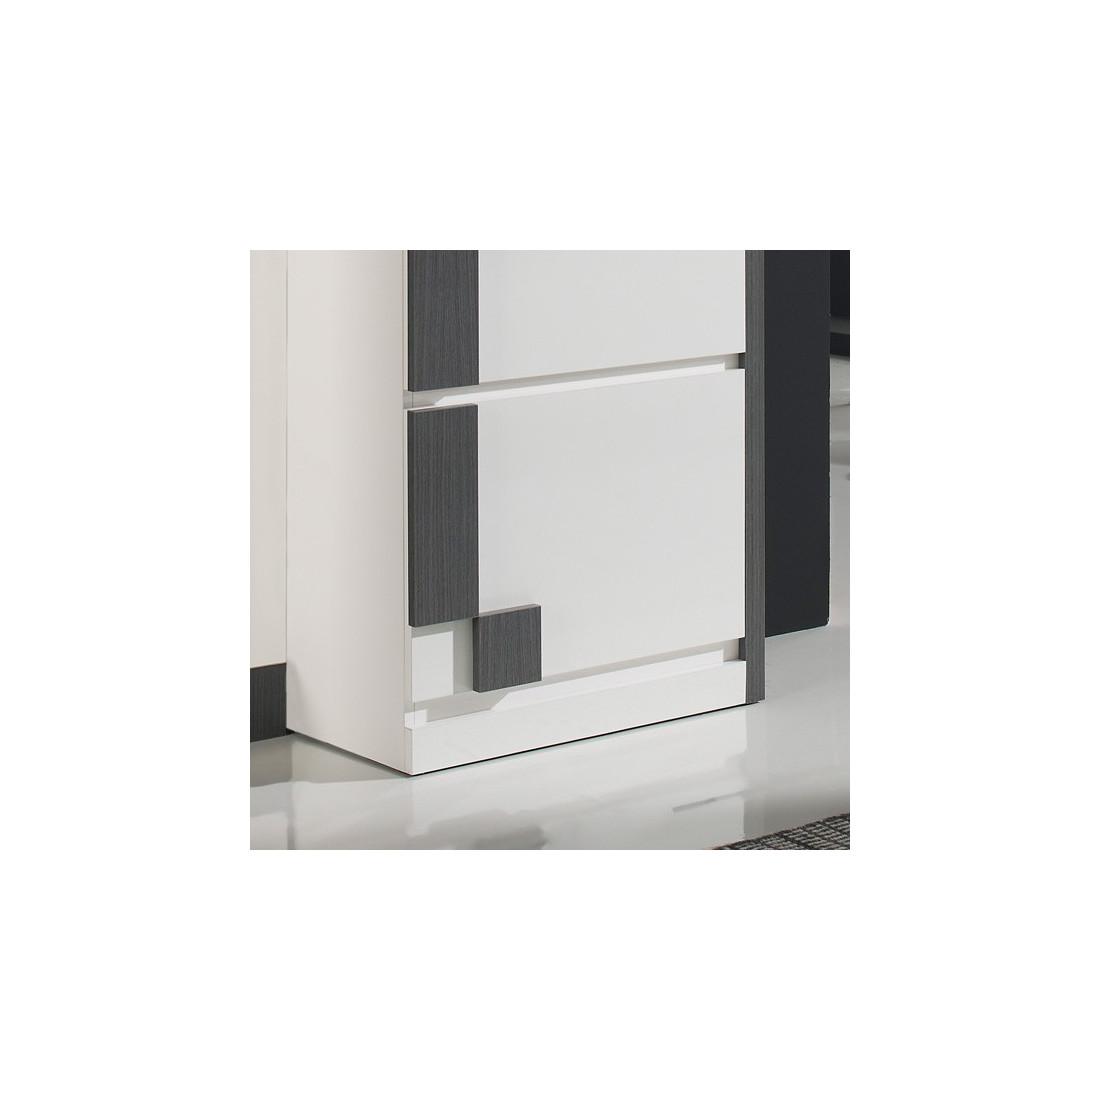 meuble d 39 entr e blanc cendre armoire miroir n 3 sliman. Black Bedroom Furniture Sets. Home Design Ideas